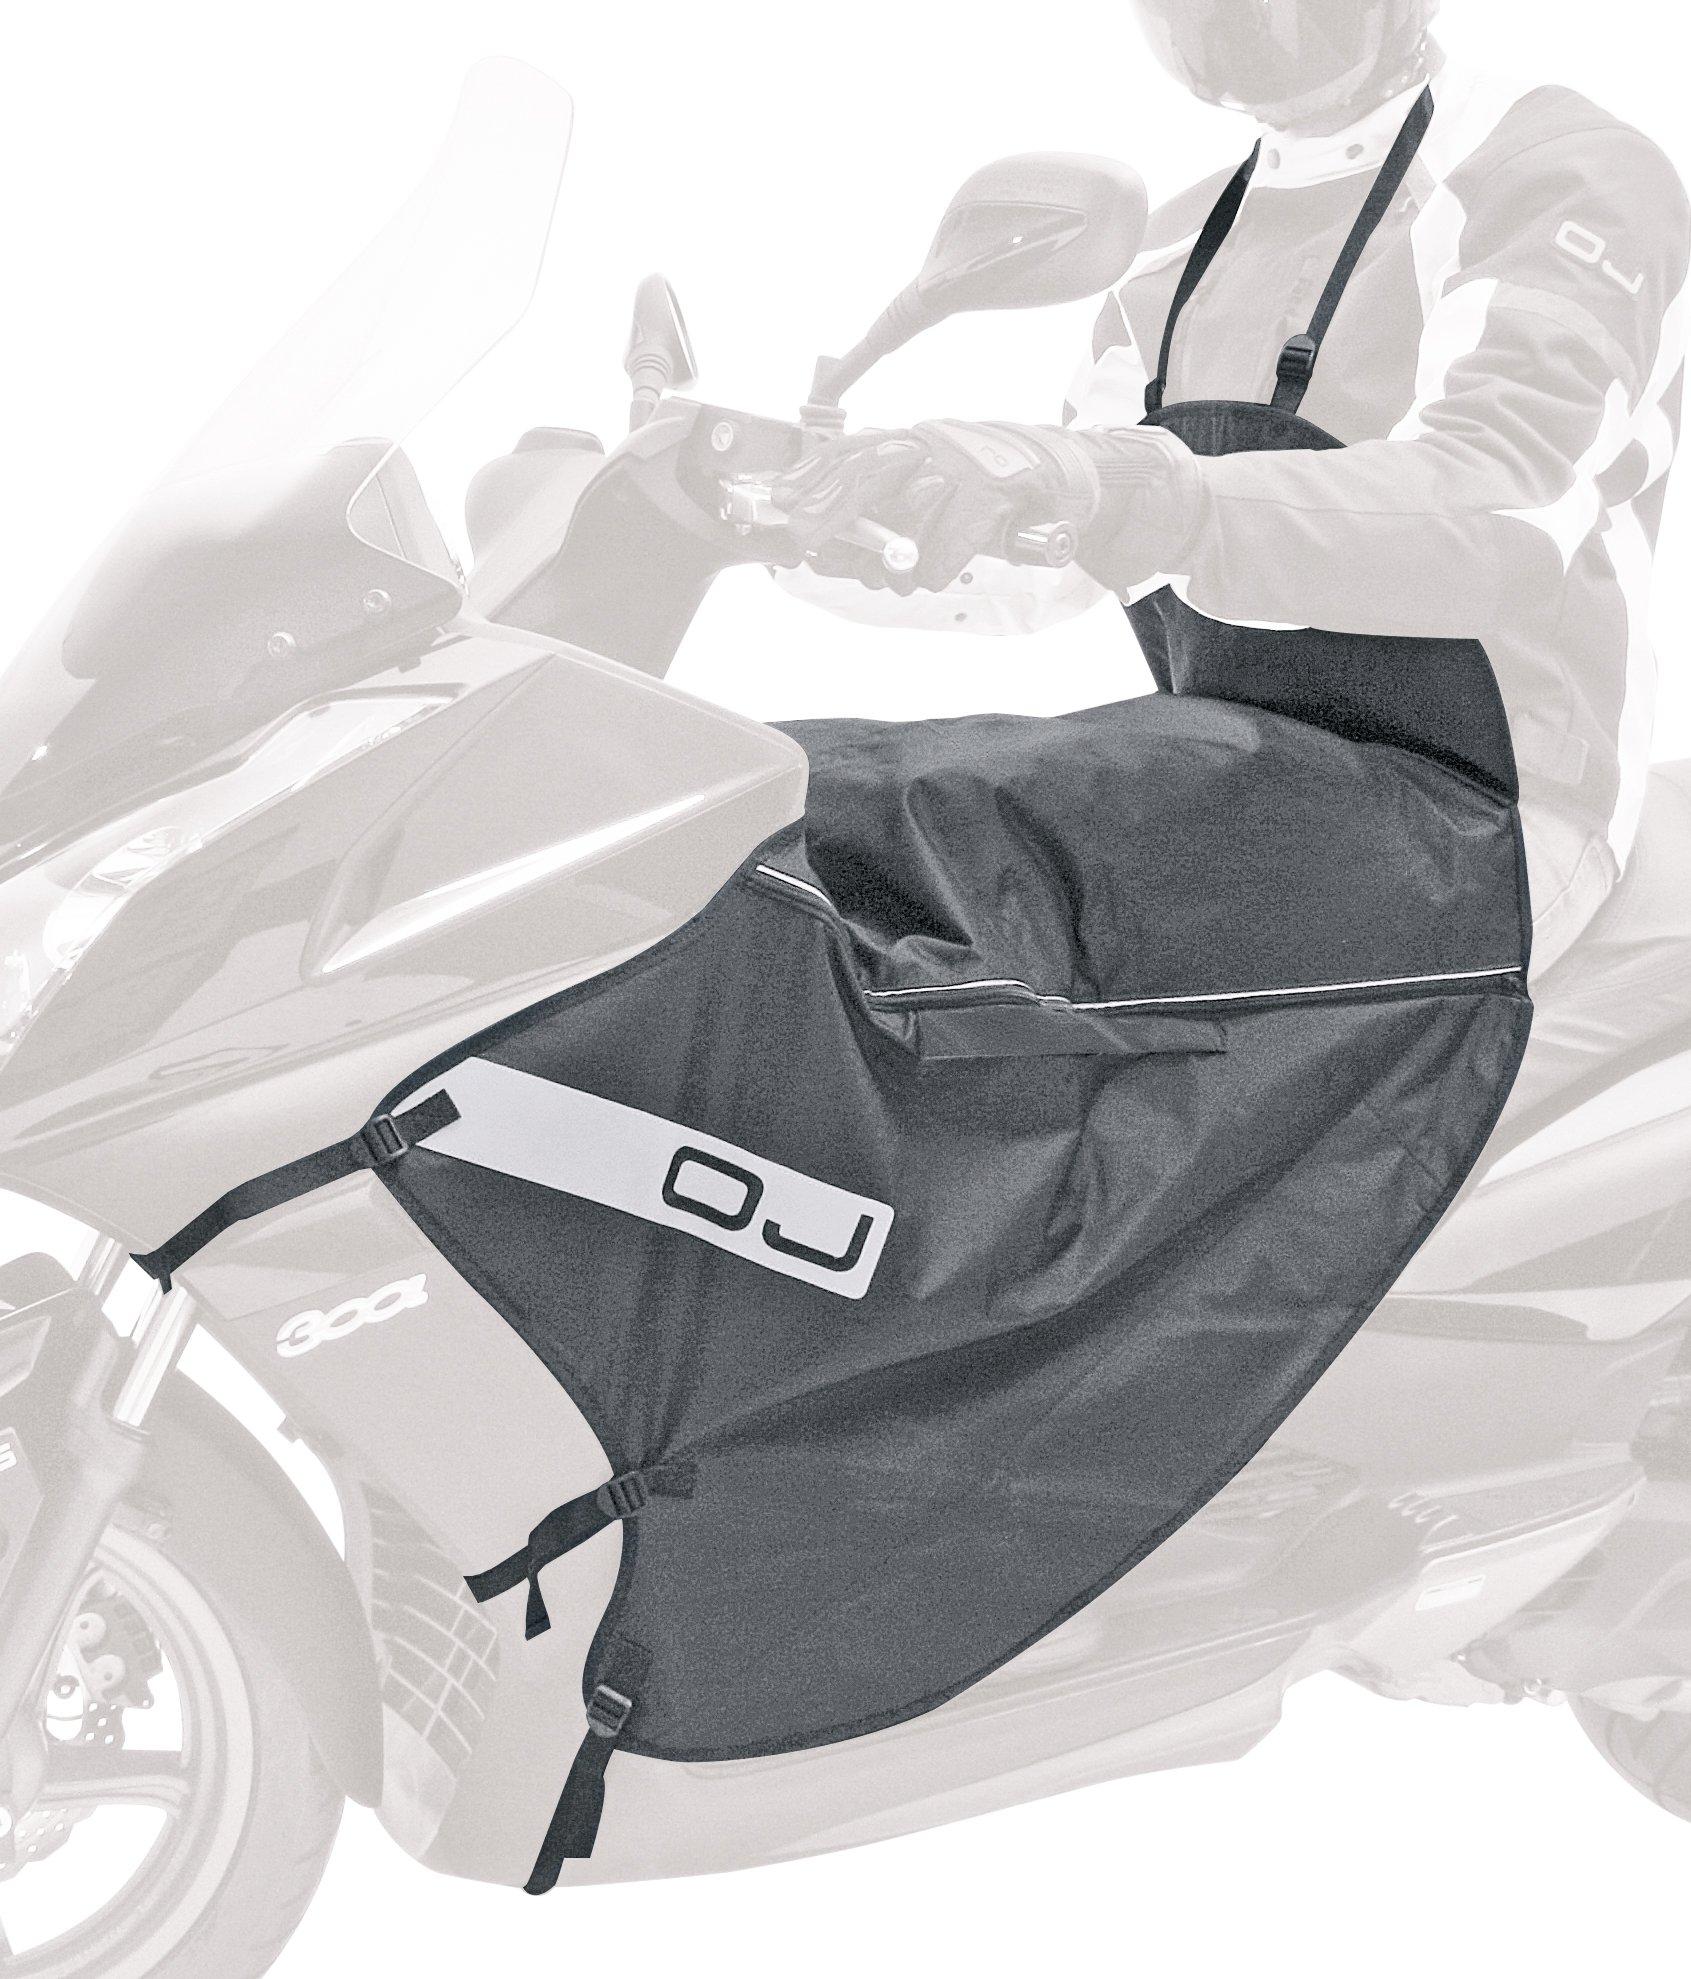 Vom JFL - 07 Covers Size L Black